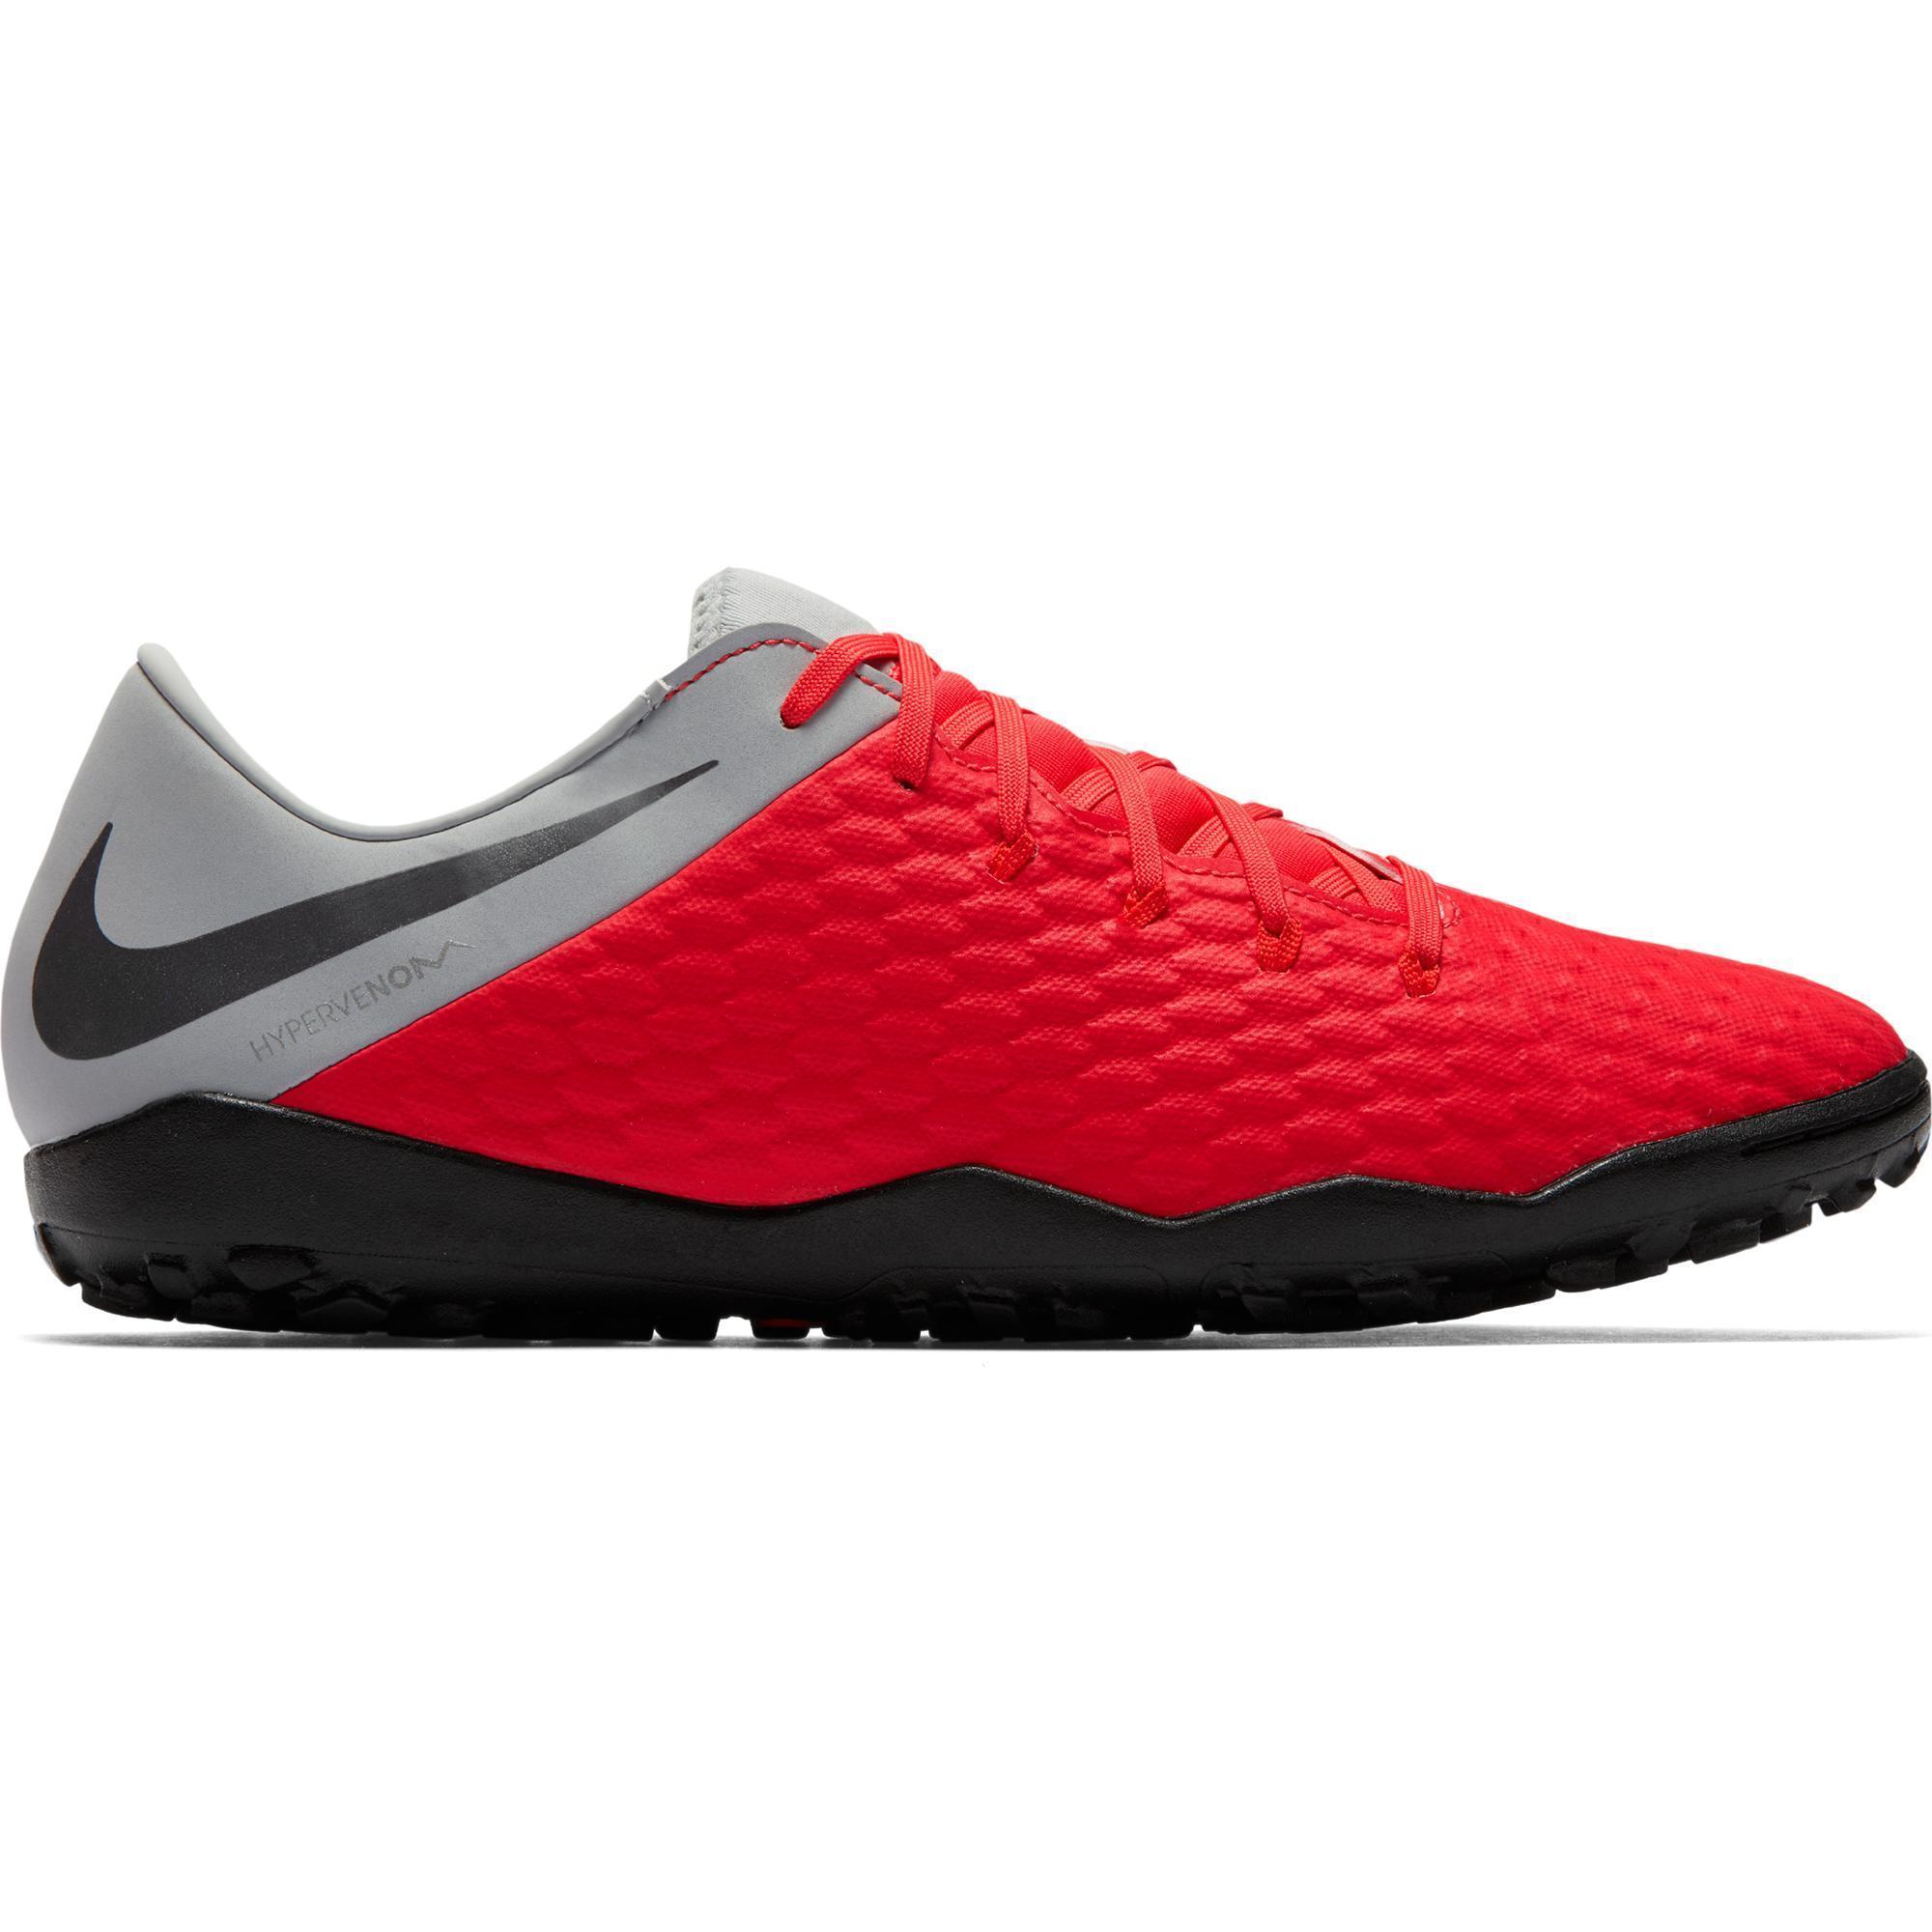 Nike Voetbalschoenen Hypervenom Phantom III Academy TF voor volwassenen rood